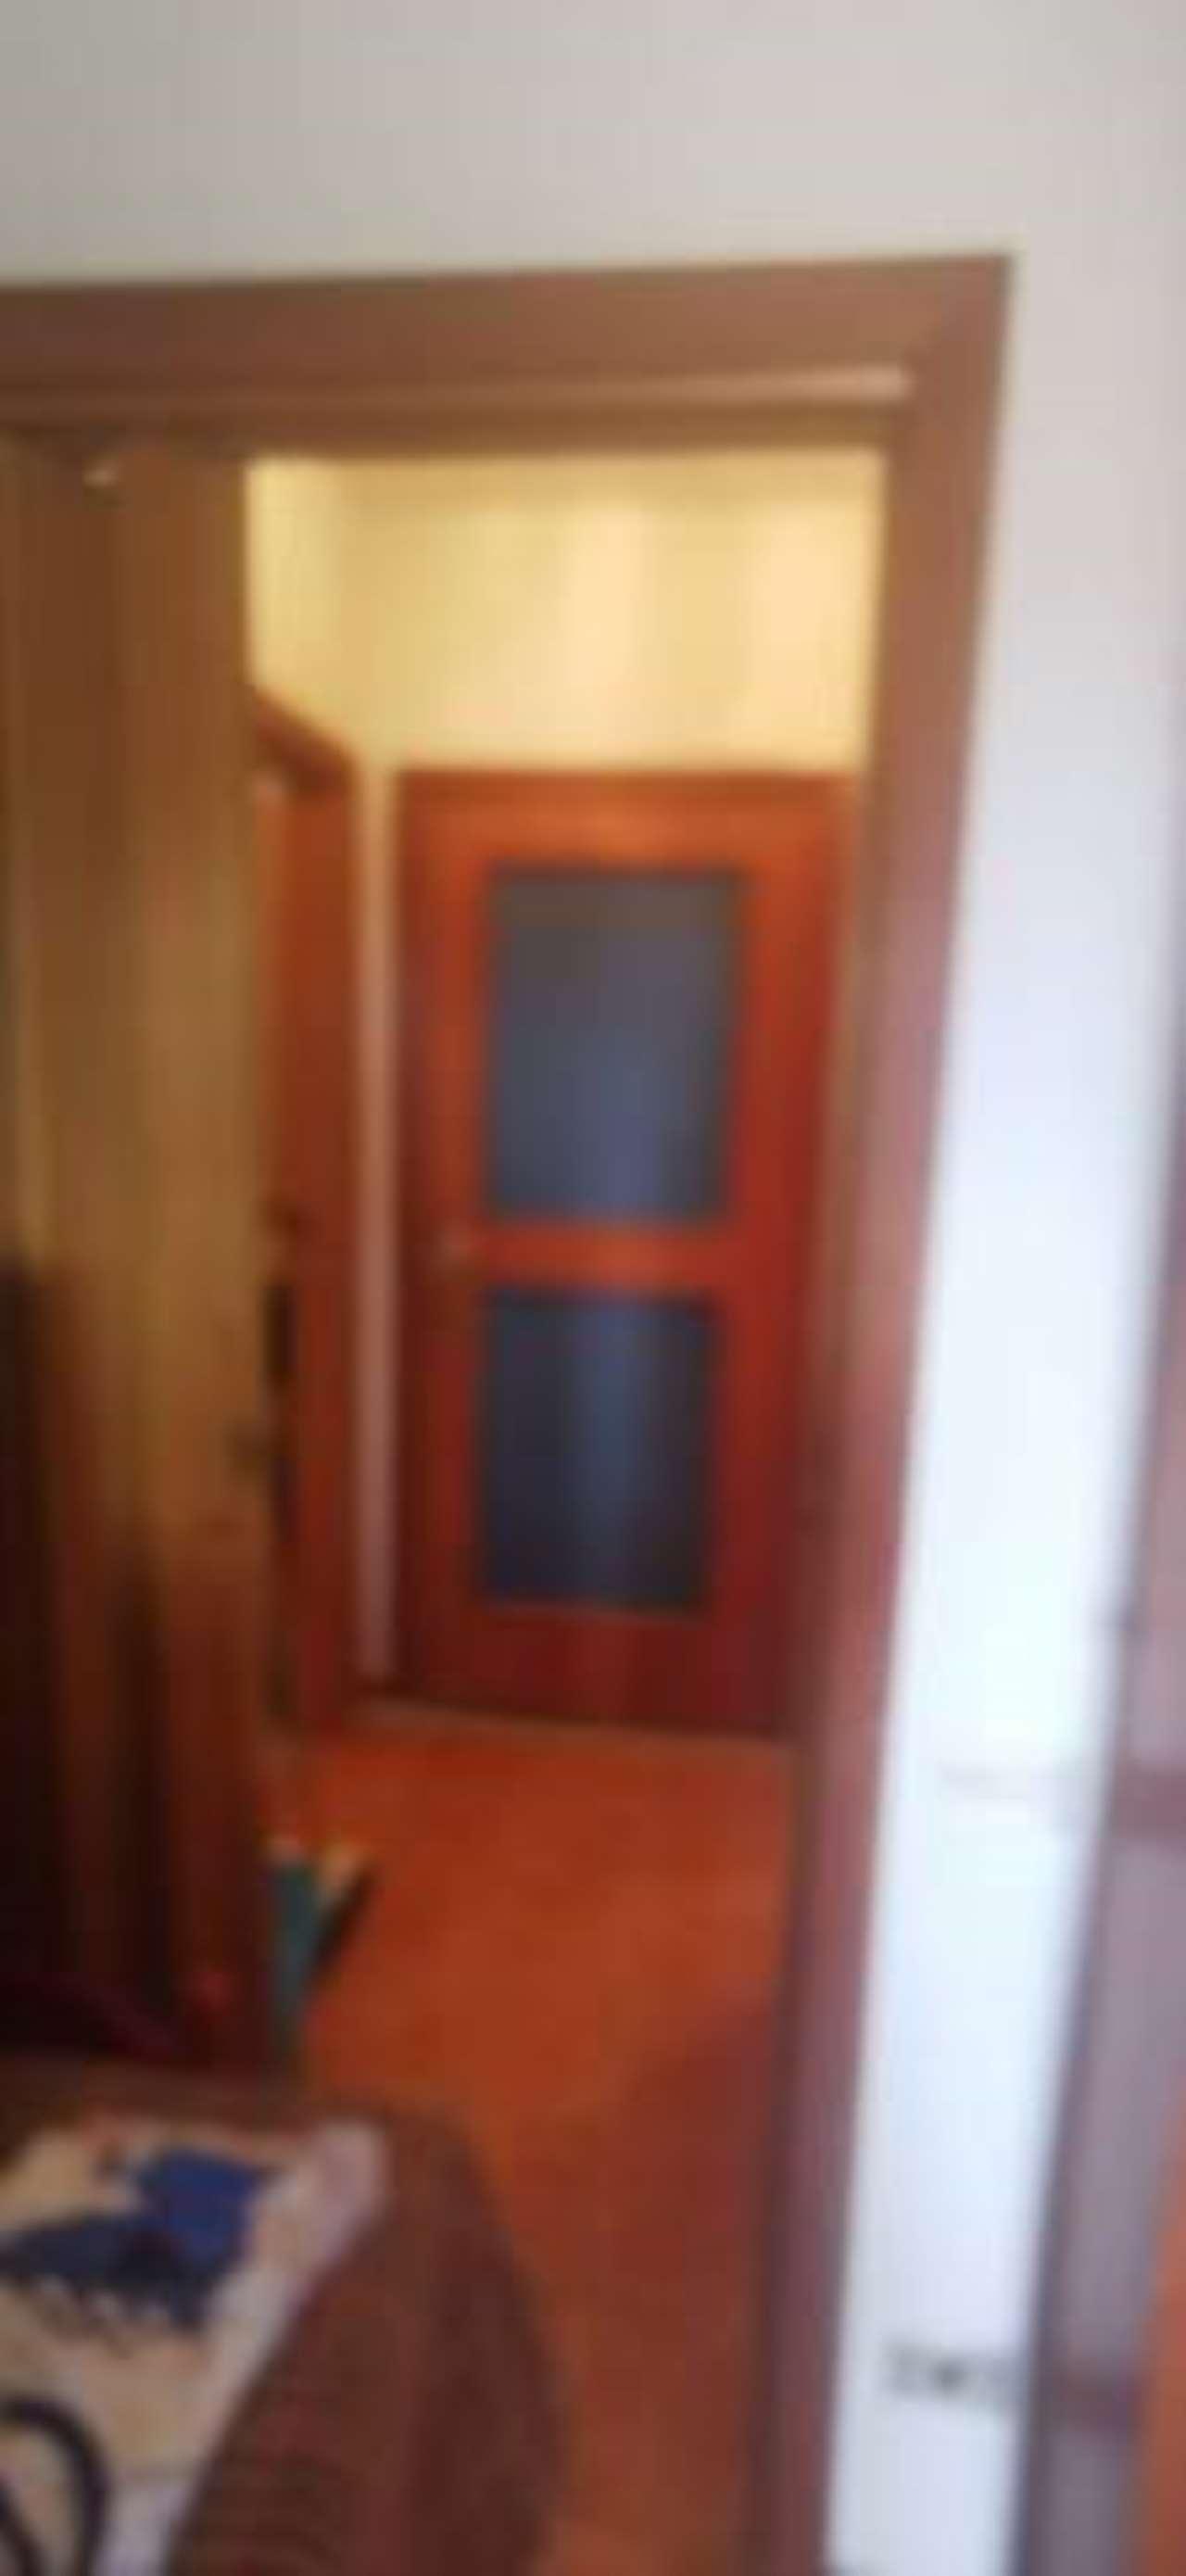 Appartamento in vendita a Roccaraso, 3 locali, prezzo € 65.000 | CambioCasa.it